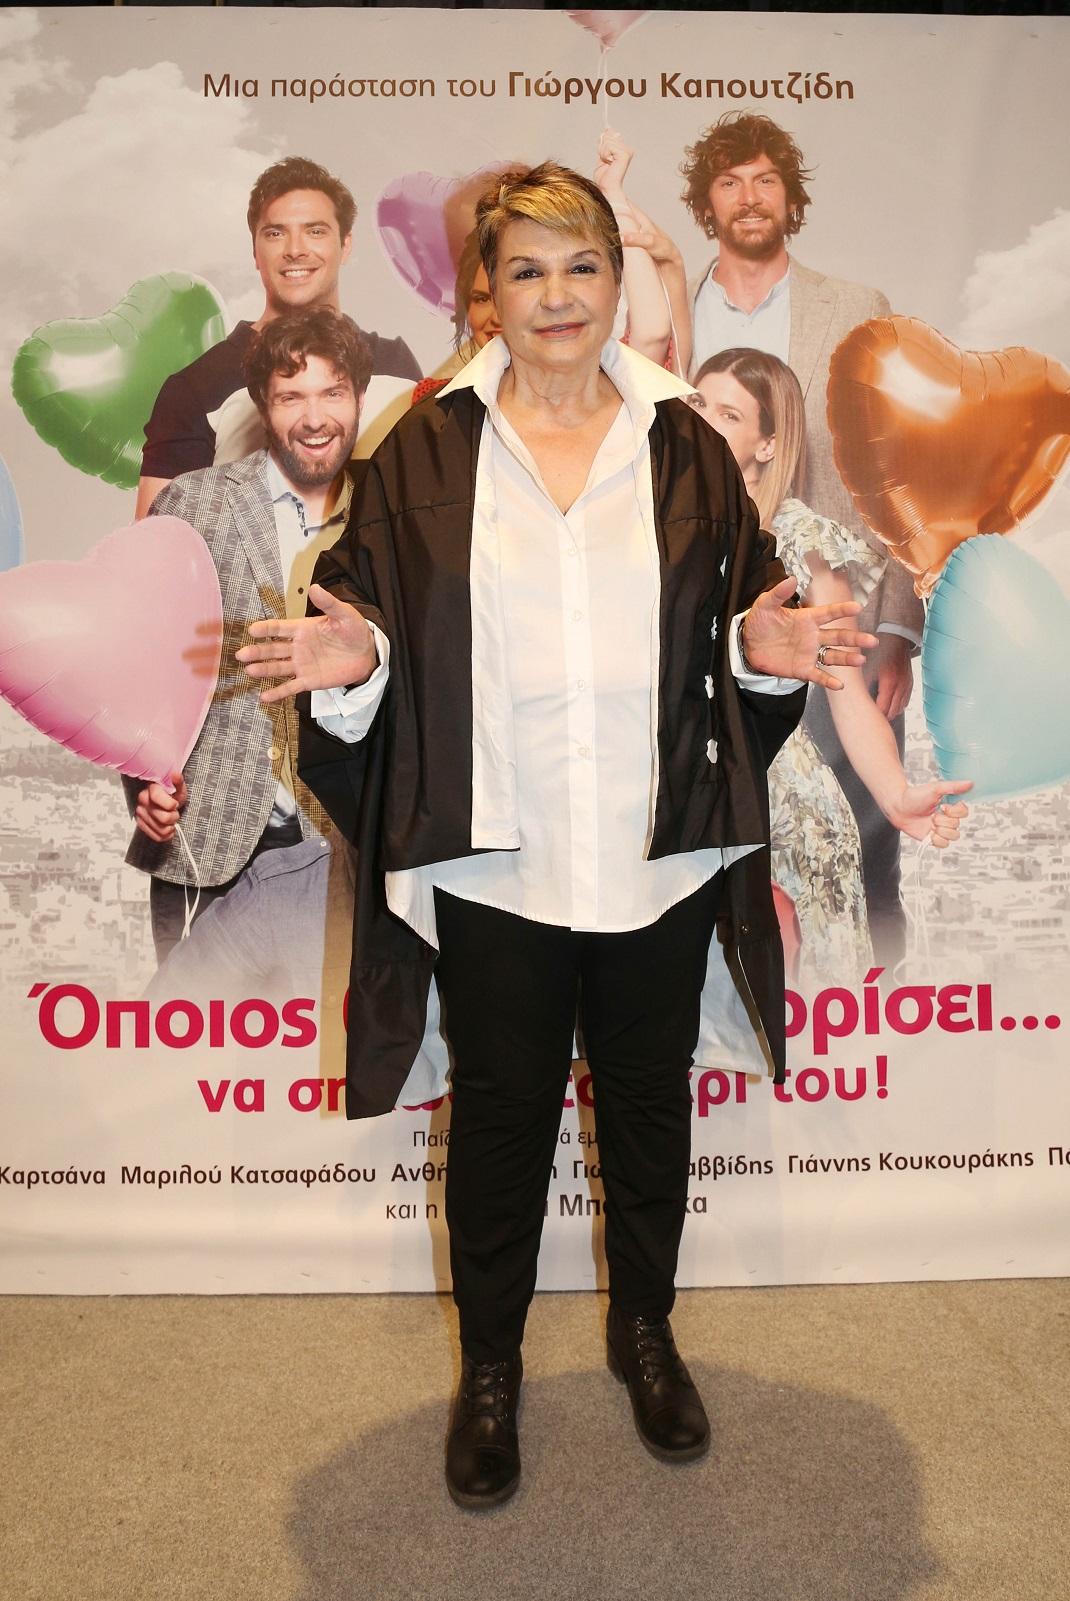 Η Κατιάνα Μπαλανίκα στην πρεμιέρα της παράστασης